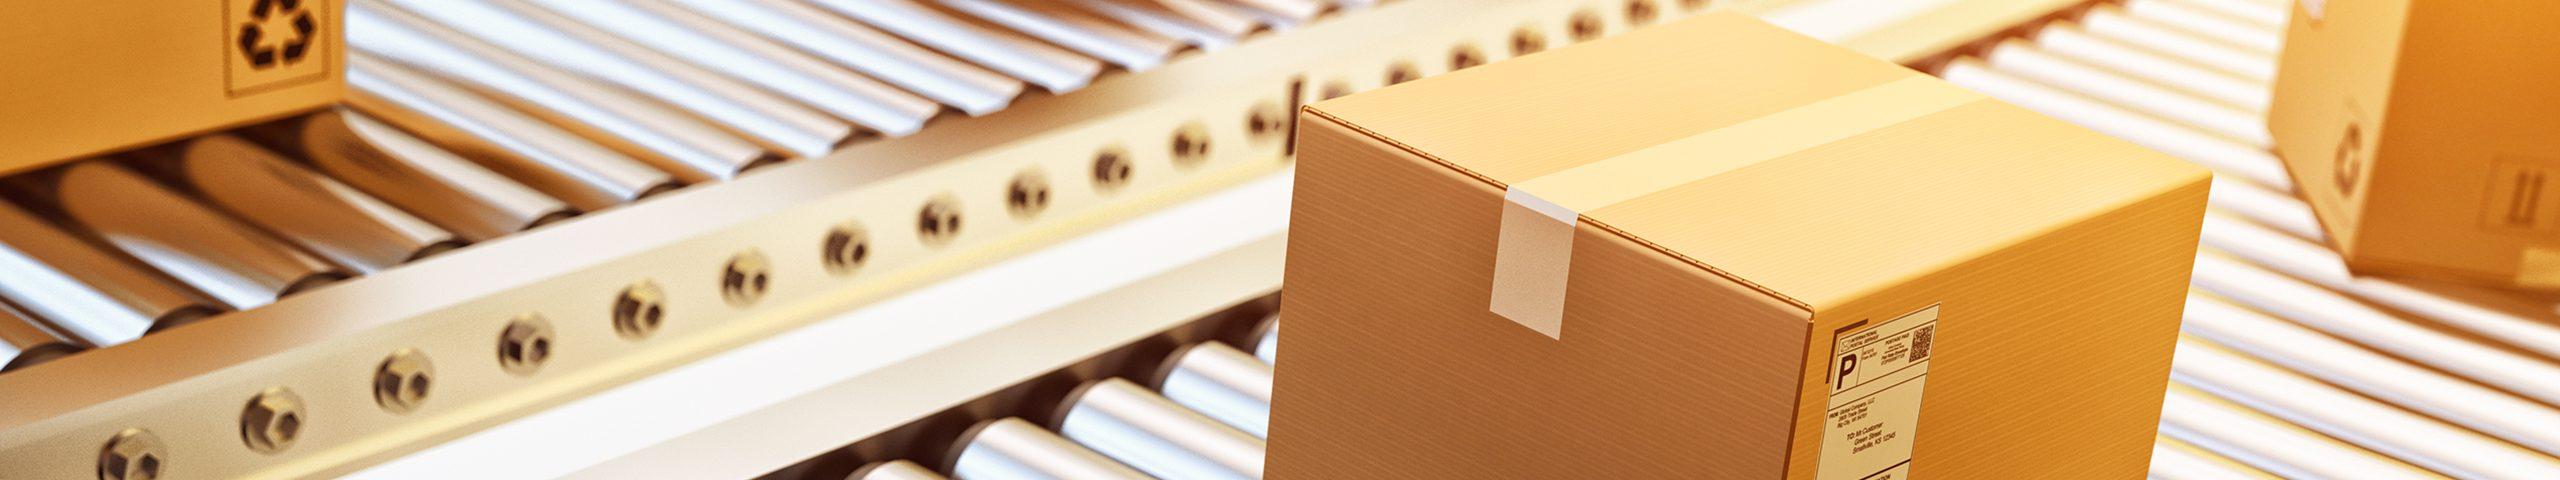 Lettershop Versand Konfektionierung Lagerhaltung